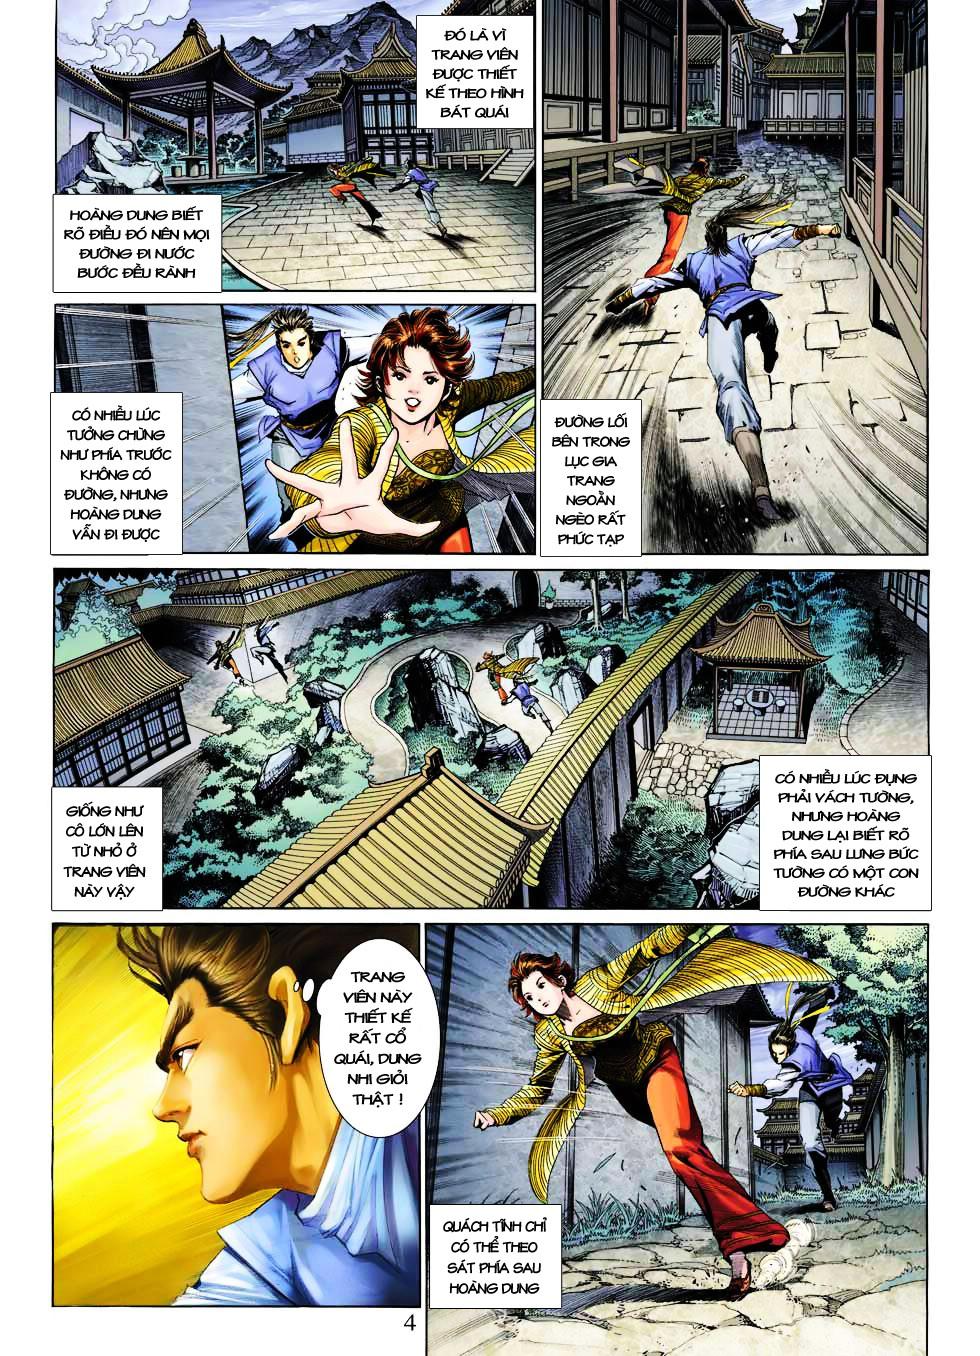 Anh Hùng Xạ Điêu anh hùng xạ đêu chap 27 trang 4